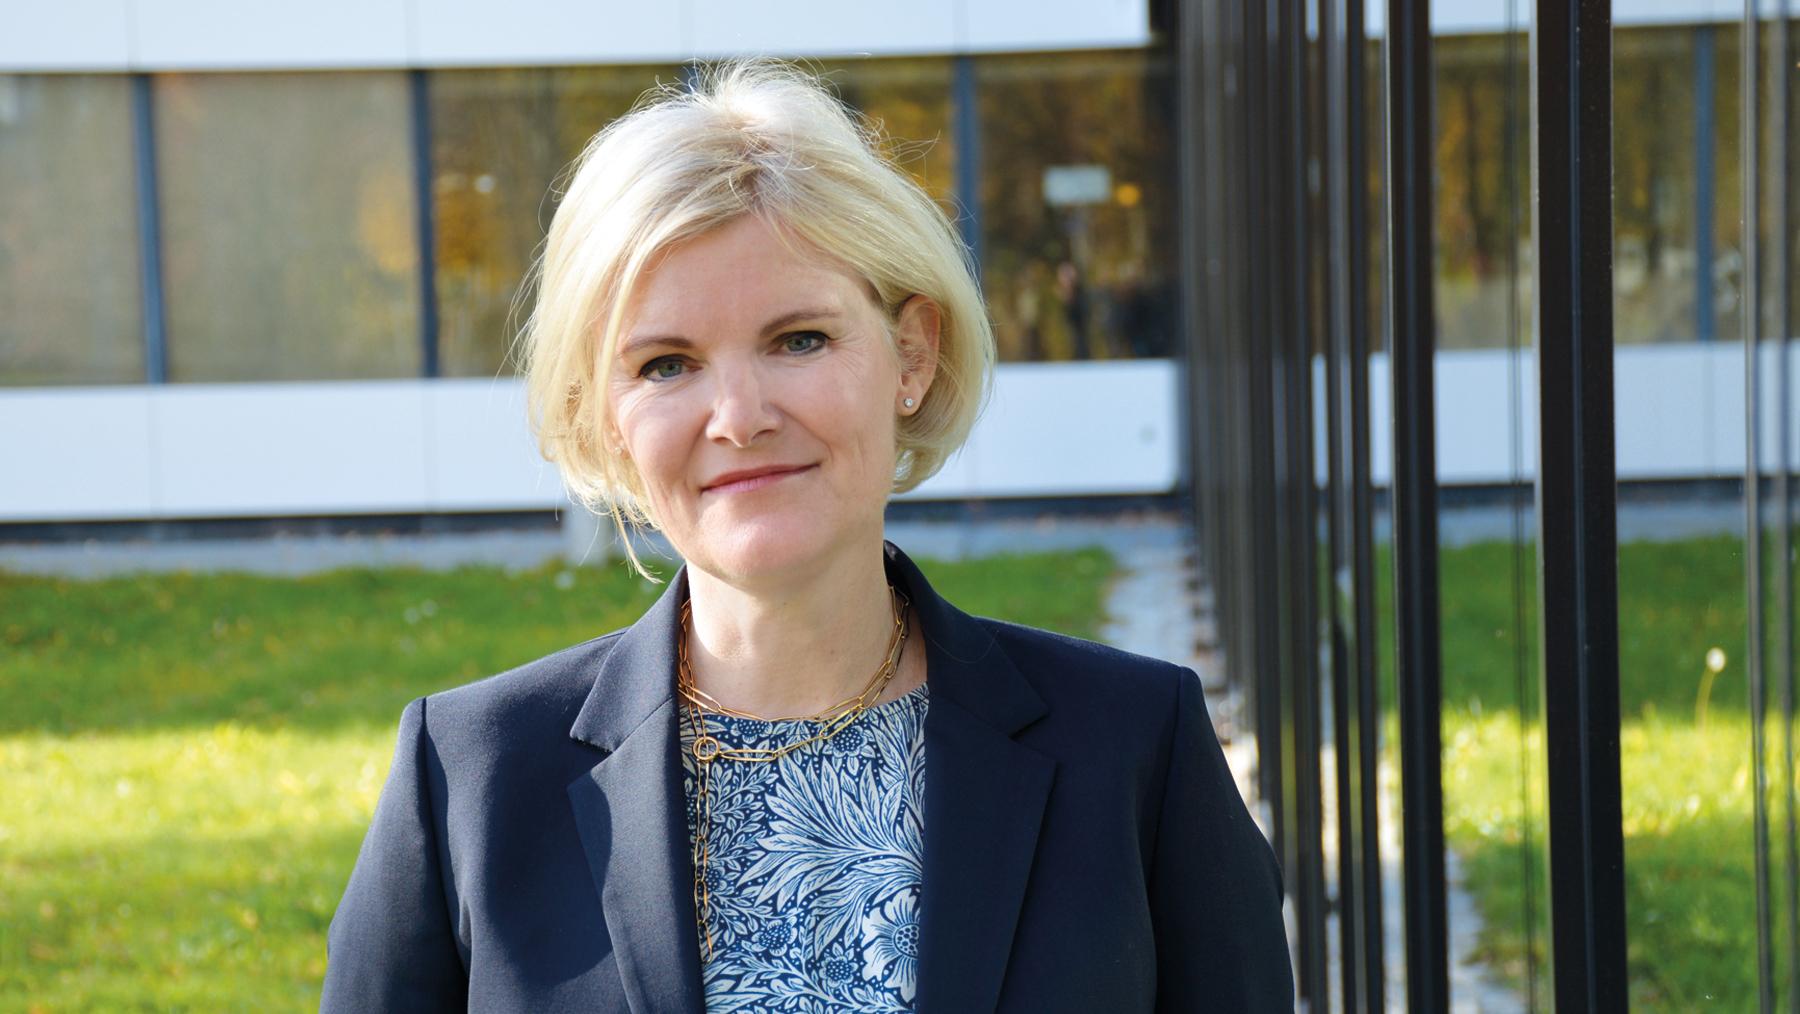 Vice-President Rafaela Kraus